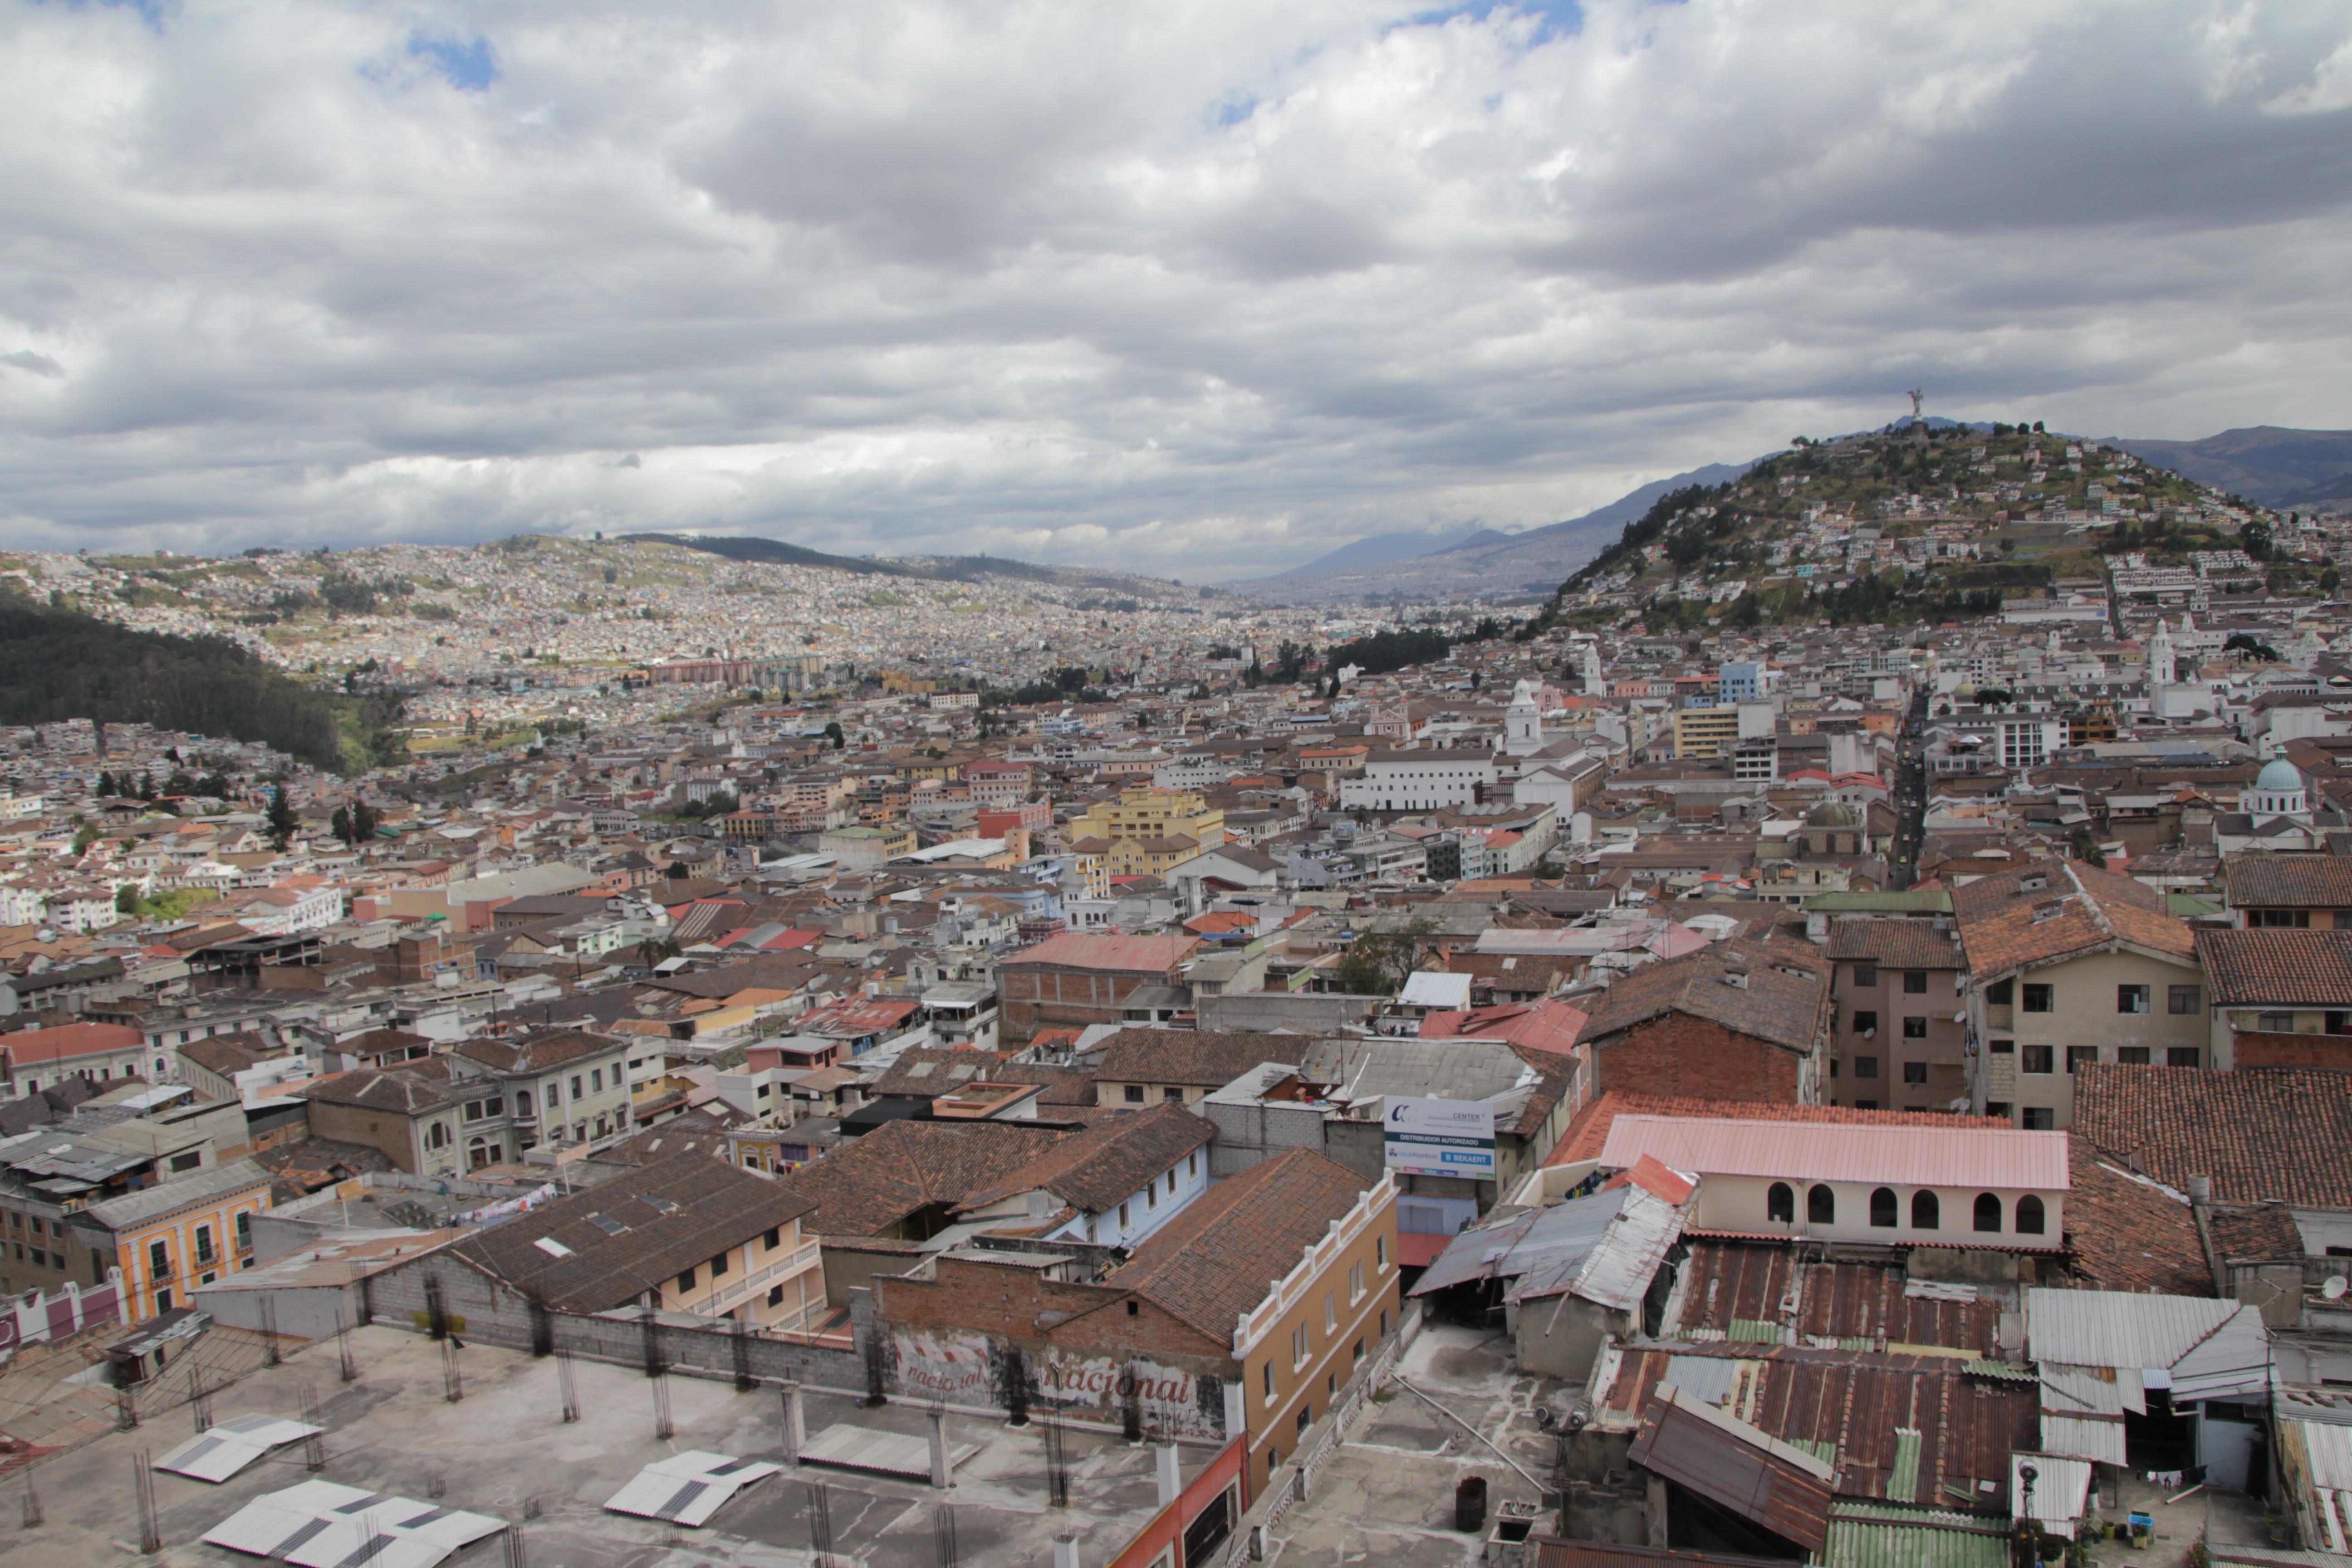 Le centre historique de Quito, classé au patrimoine mondial de l'Unesco (© Aurélie Bacheley).